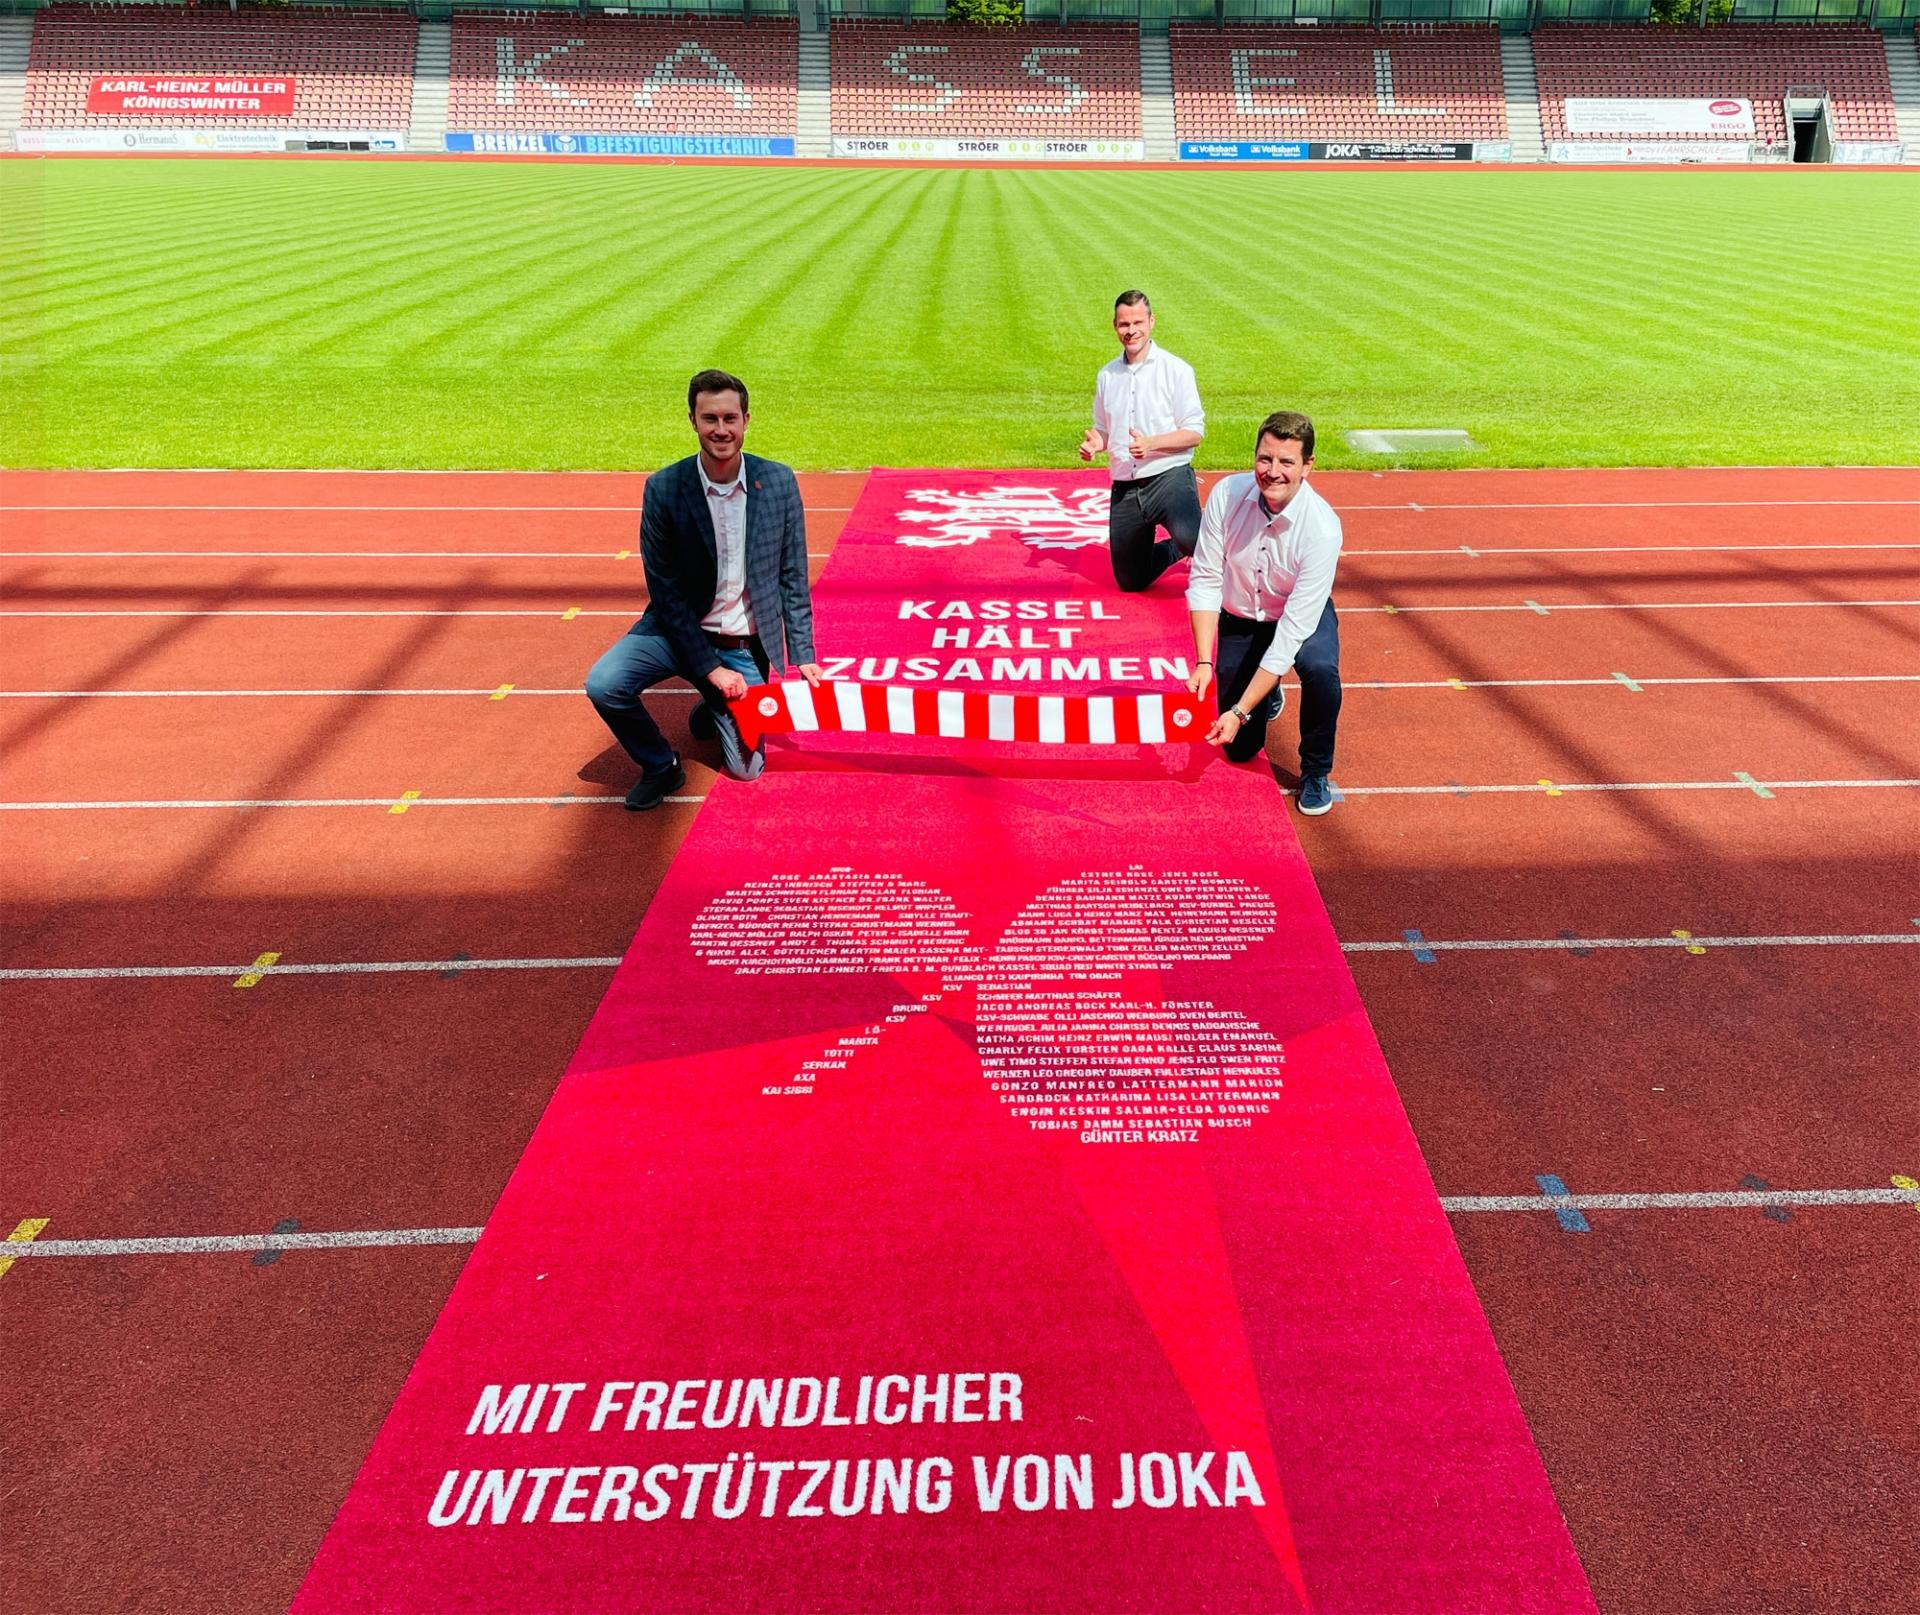 Freuen sich über die Verlängerung und Erweiterung der Partnerschaft: Dennis Frank-Böckmann (KSV), Norman Virks (JOKA) und Daniel Bettermann (KSV)